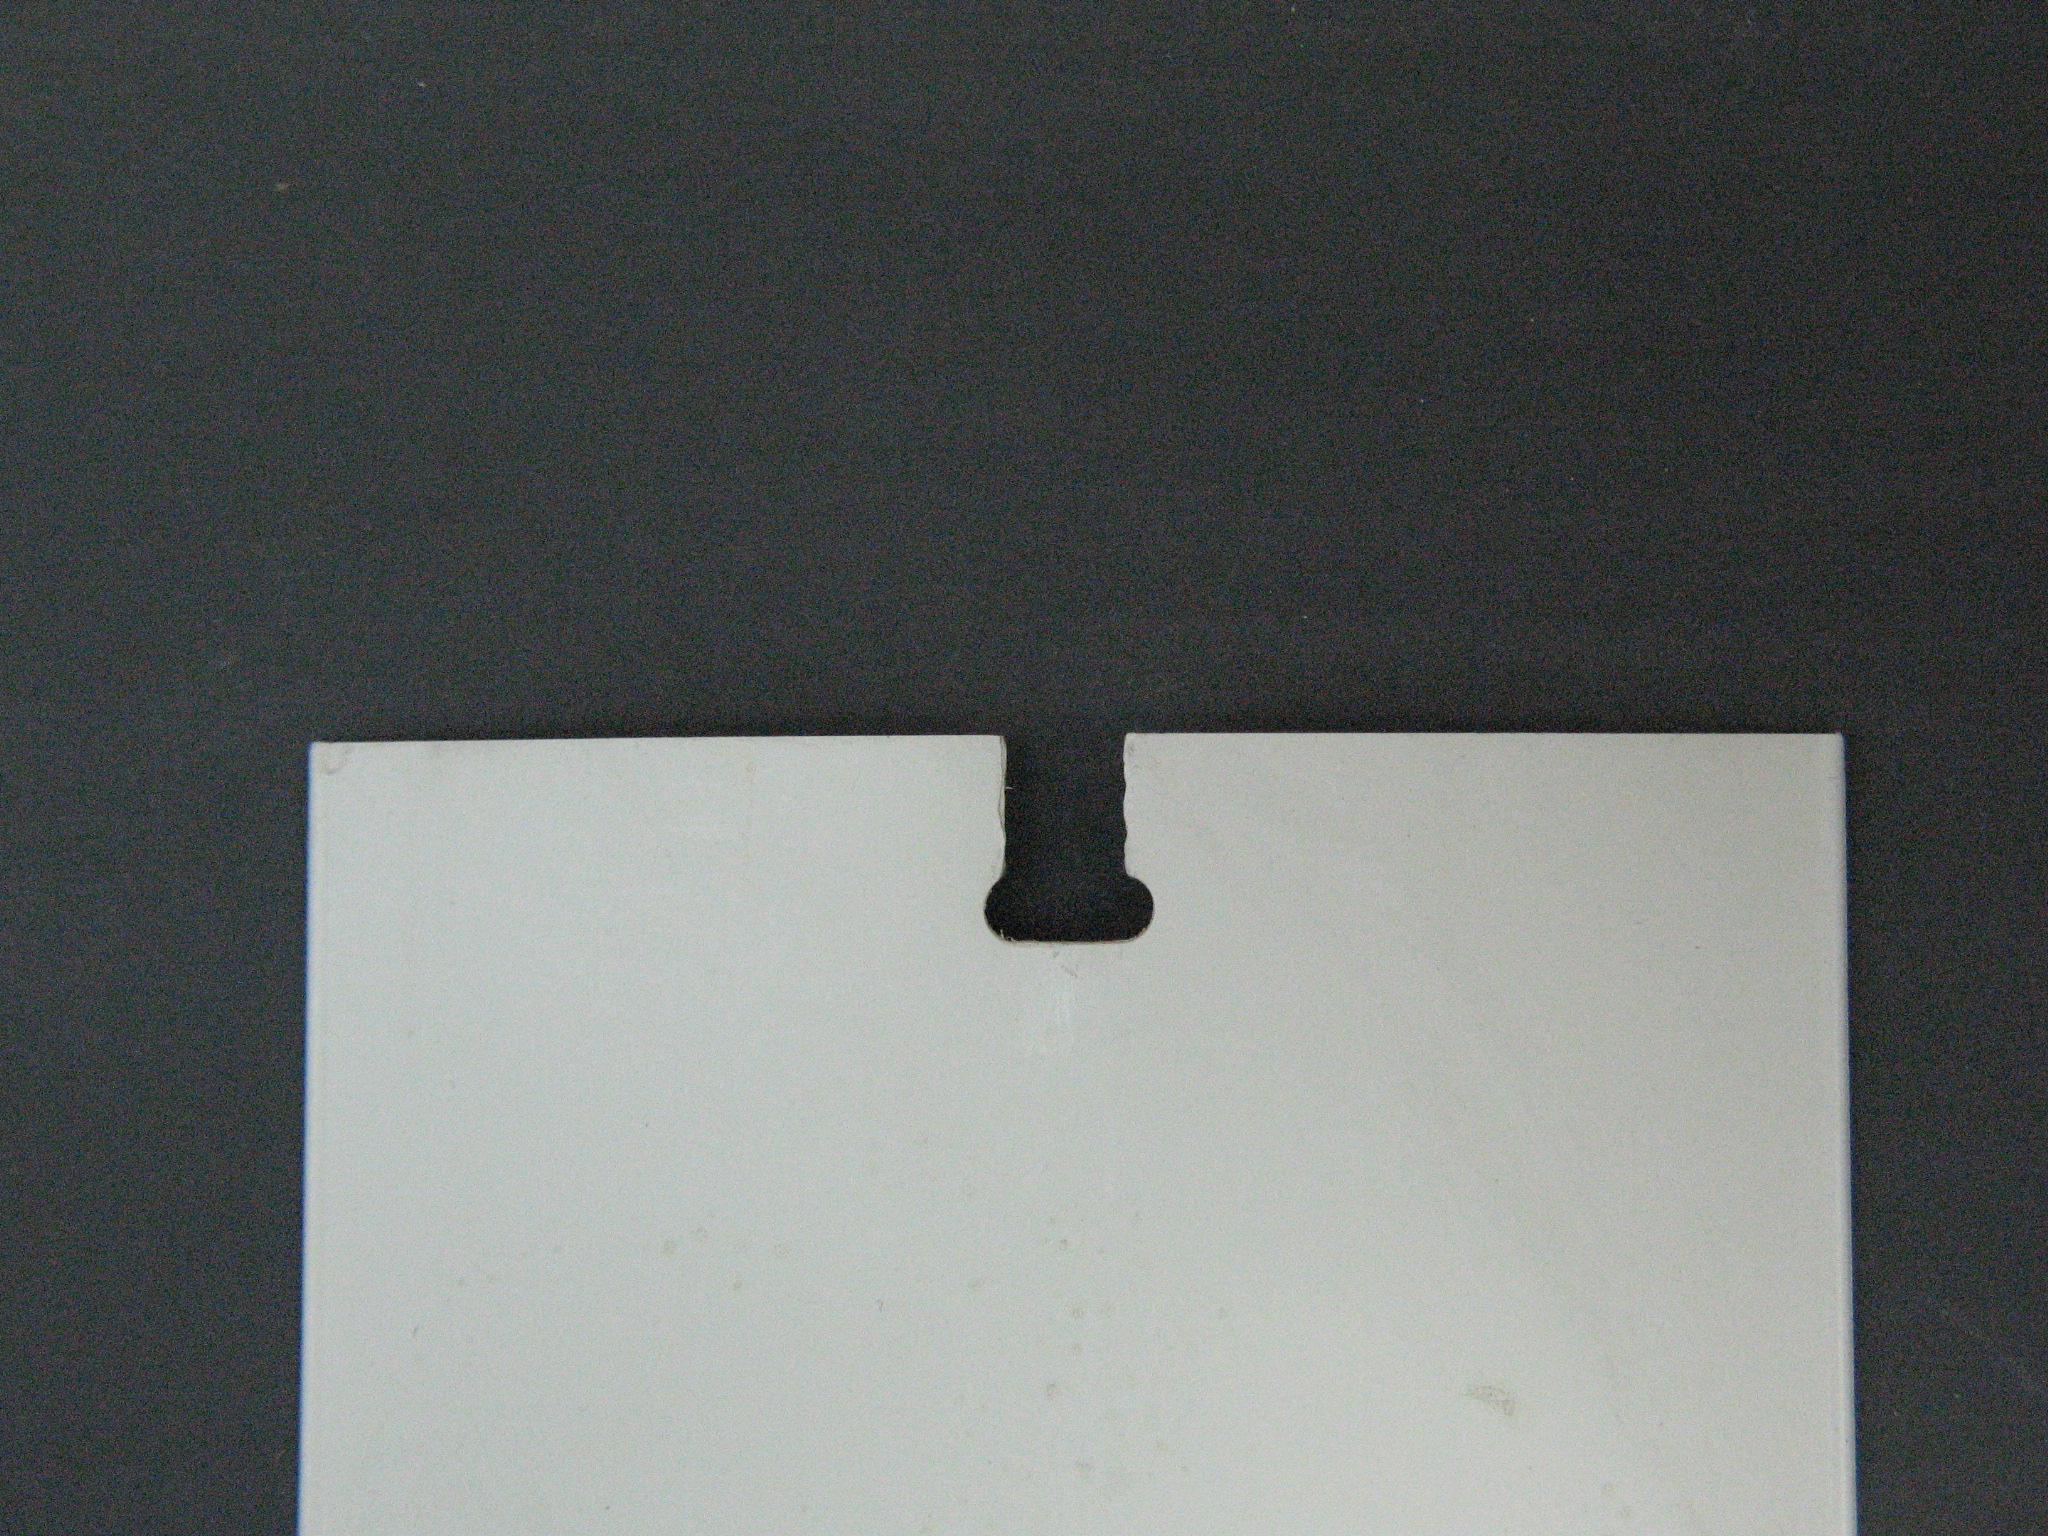 Vertical Blinds Vane Saver Repair Clips Repair Window Blinds